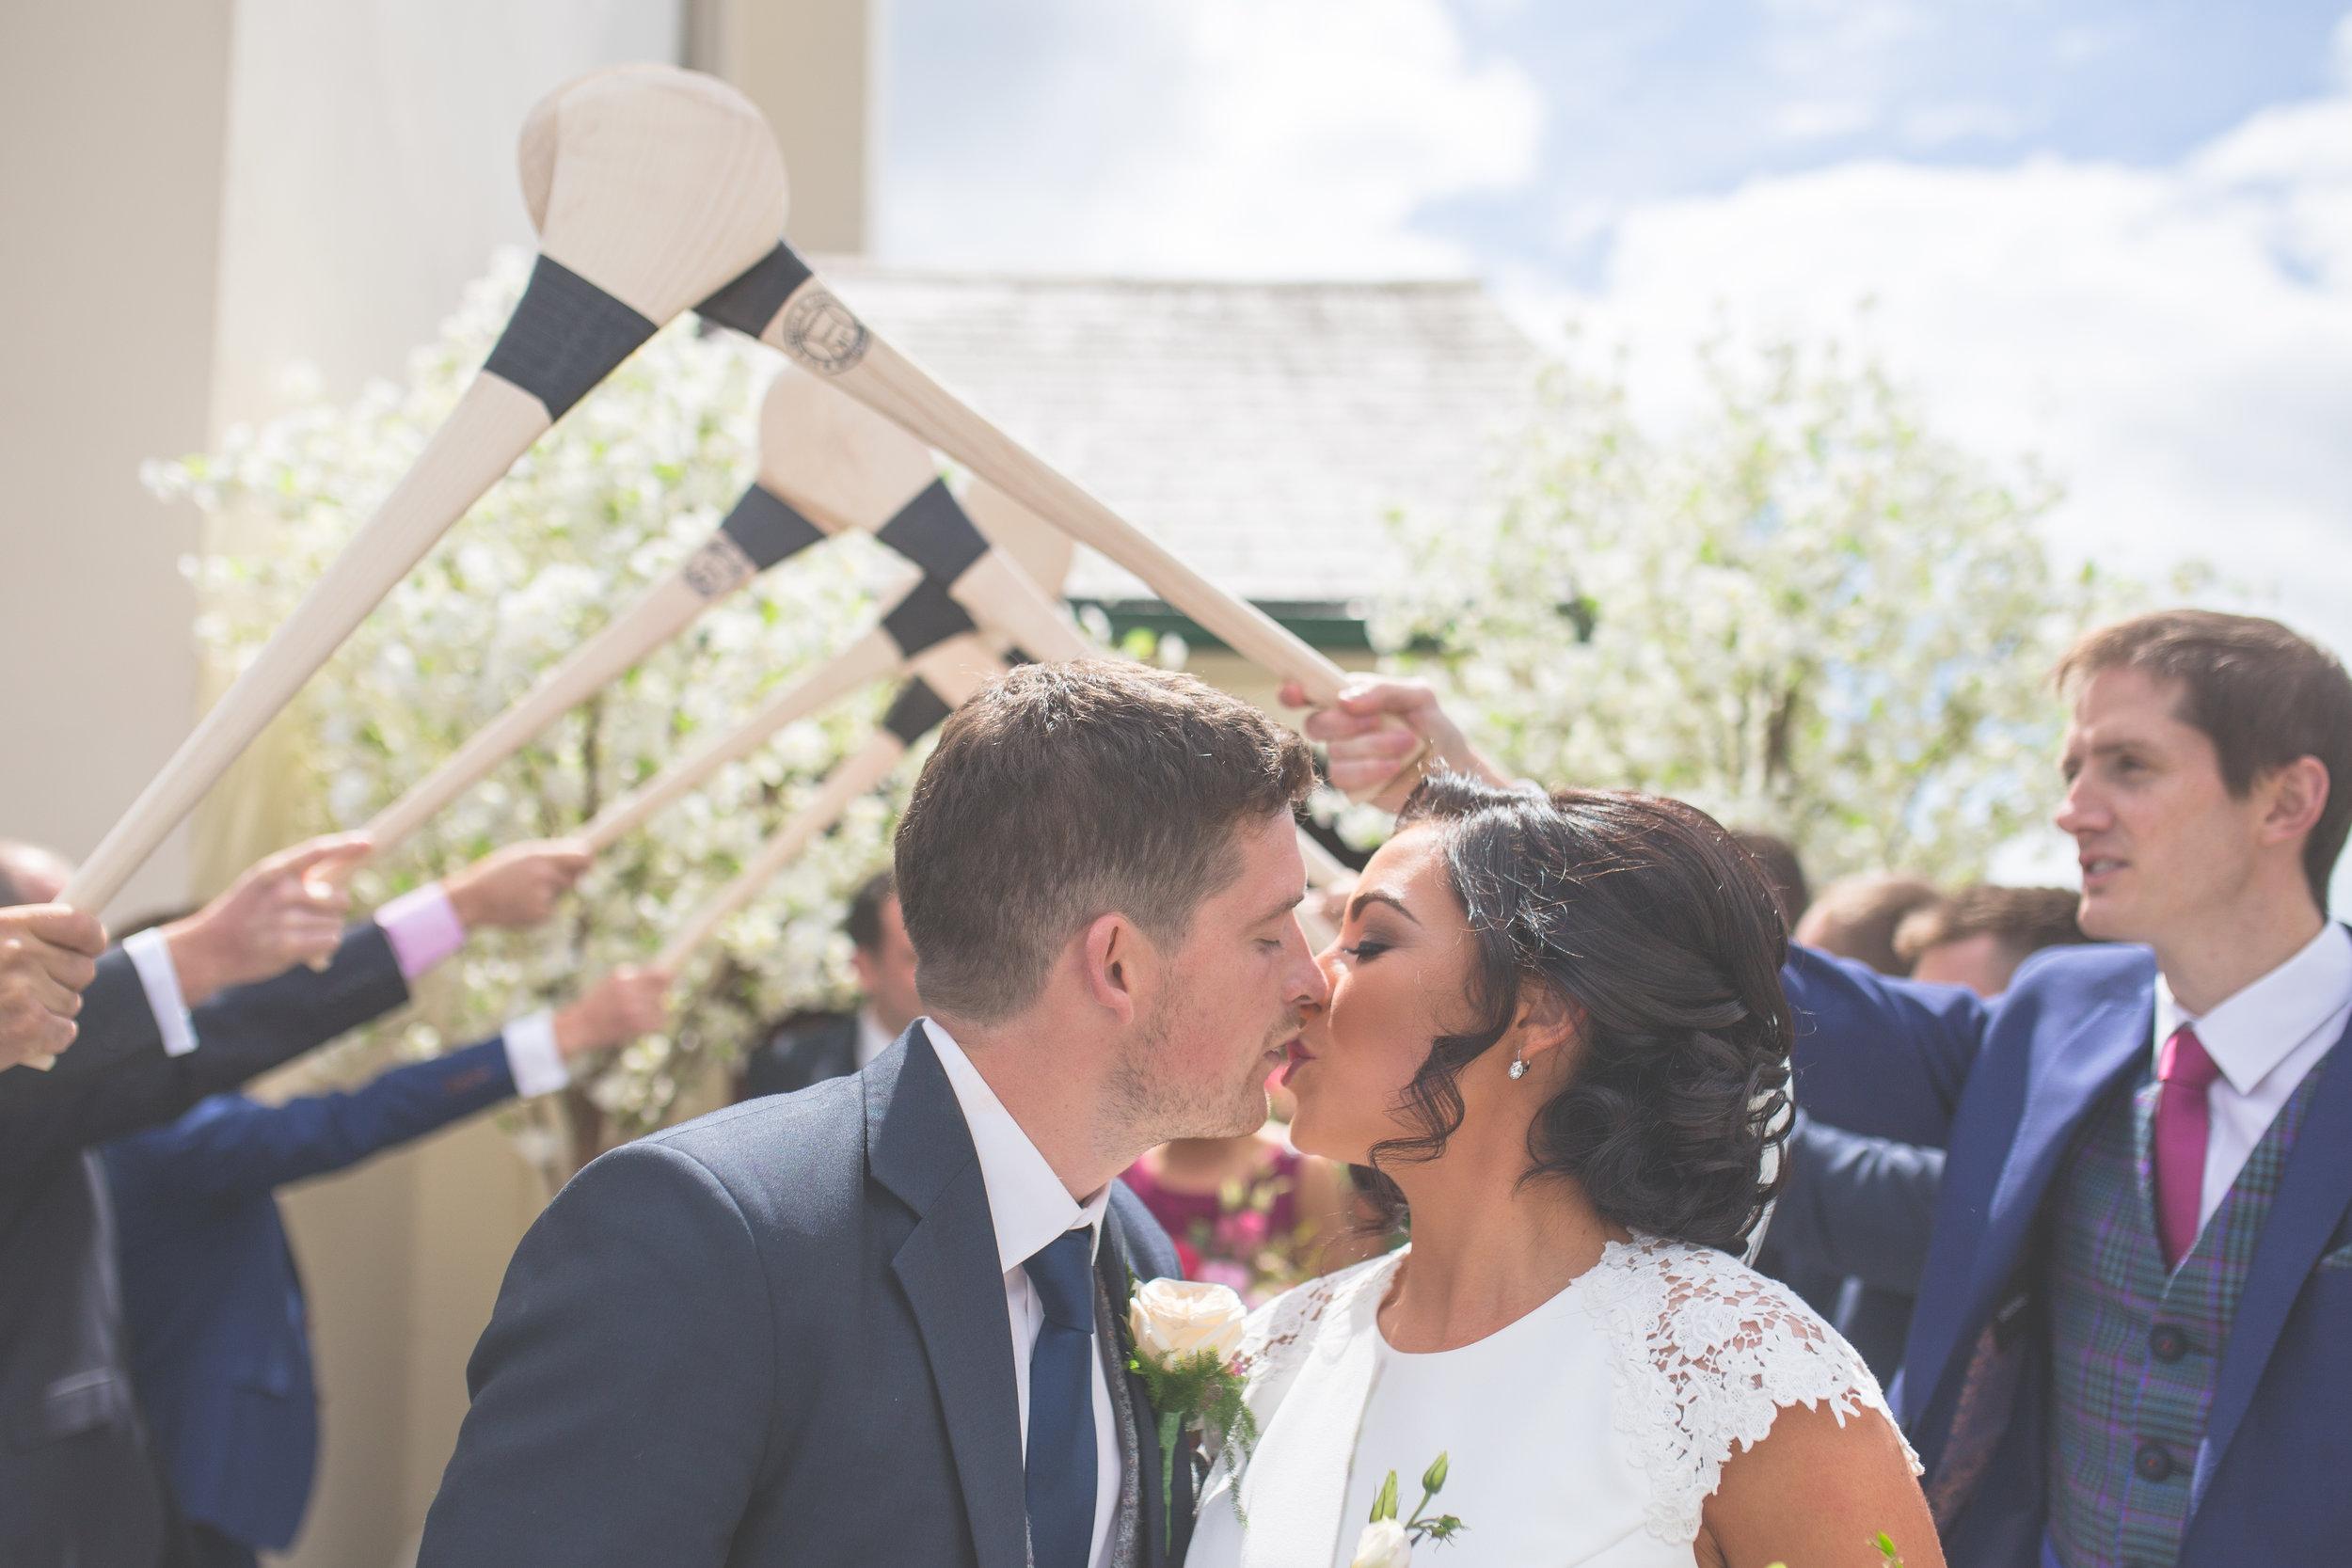 Brian McEwan Wedding Photography   Carol-Anne & Sean   The Ceremony-90.jpg